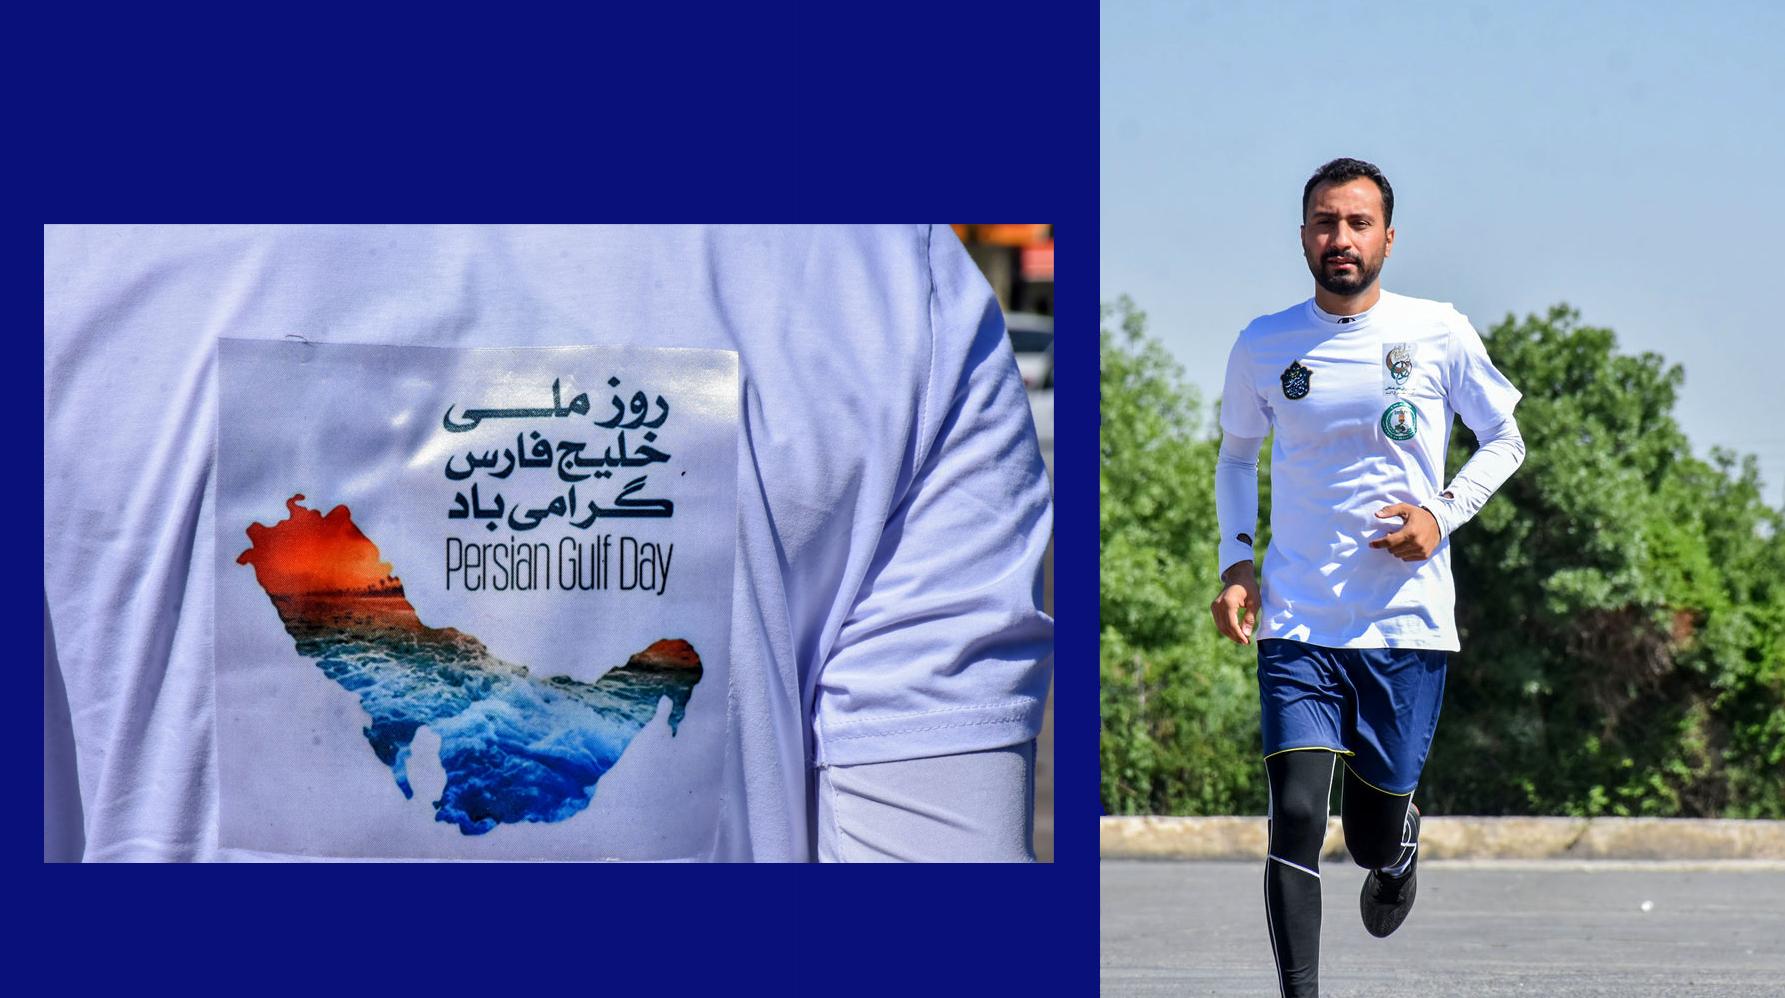 به مناسبت گرامیداشت روز خلیج فارس